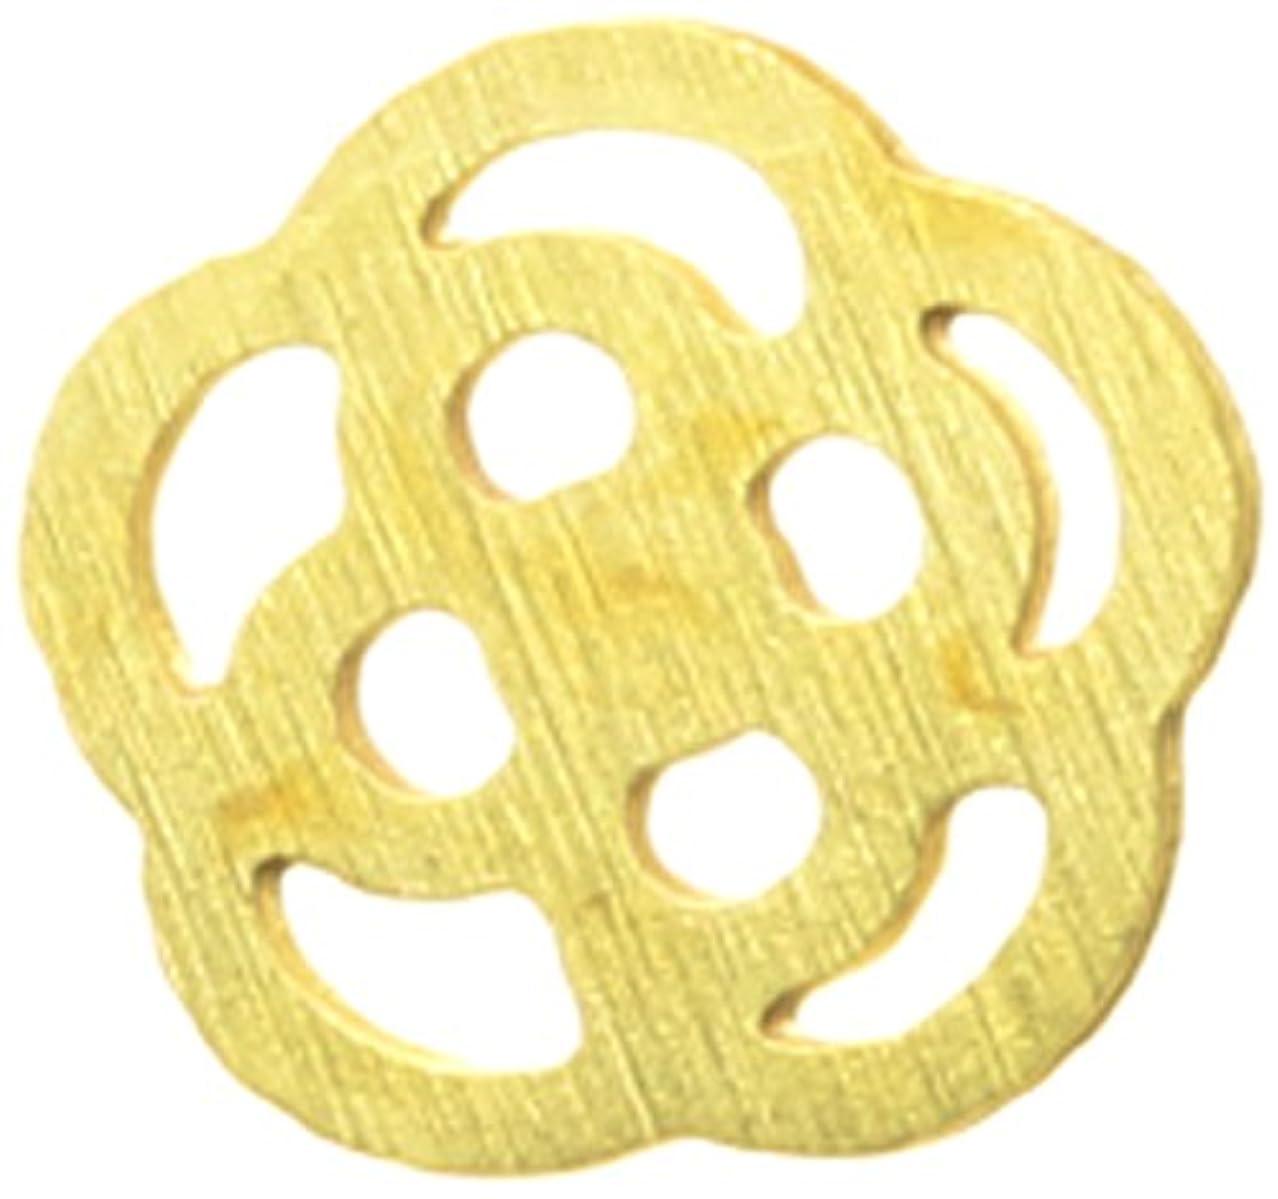 規範むしろ下着メタルプレート(ネイルストーン デコ) カメリア(30個入り) ゴールド(ネイル用品)